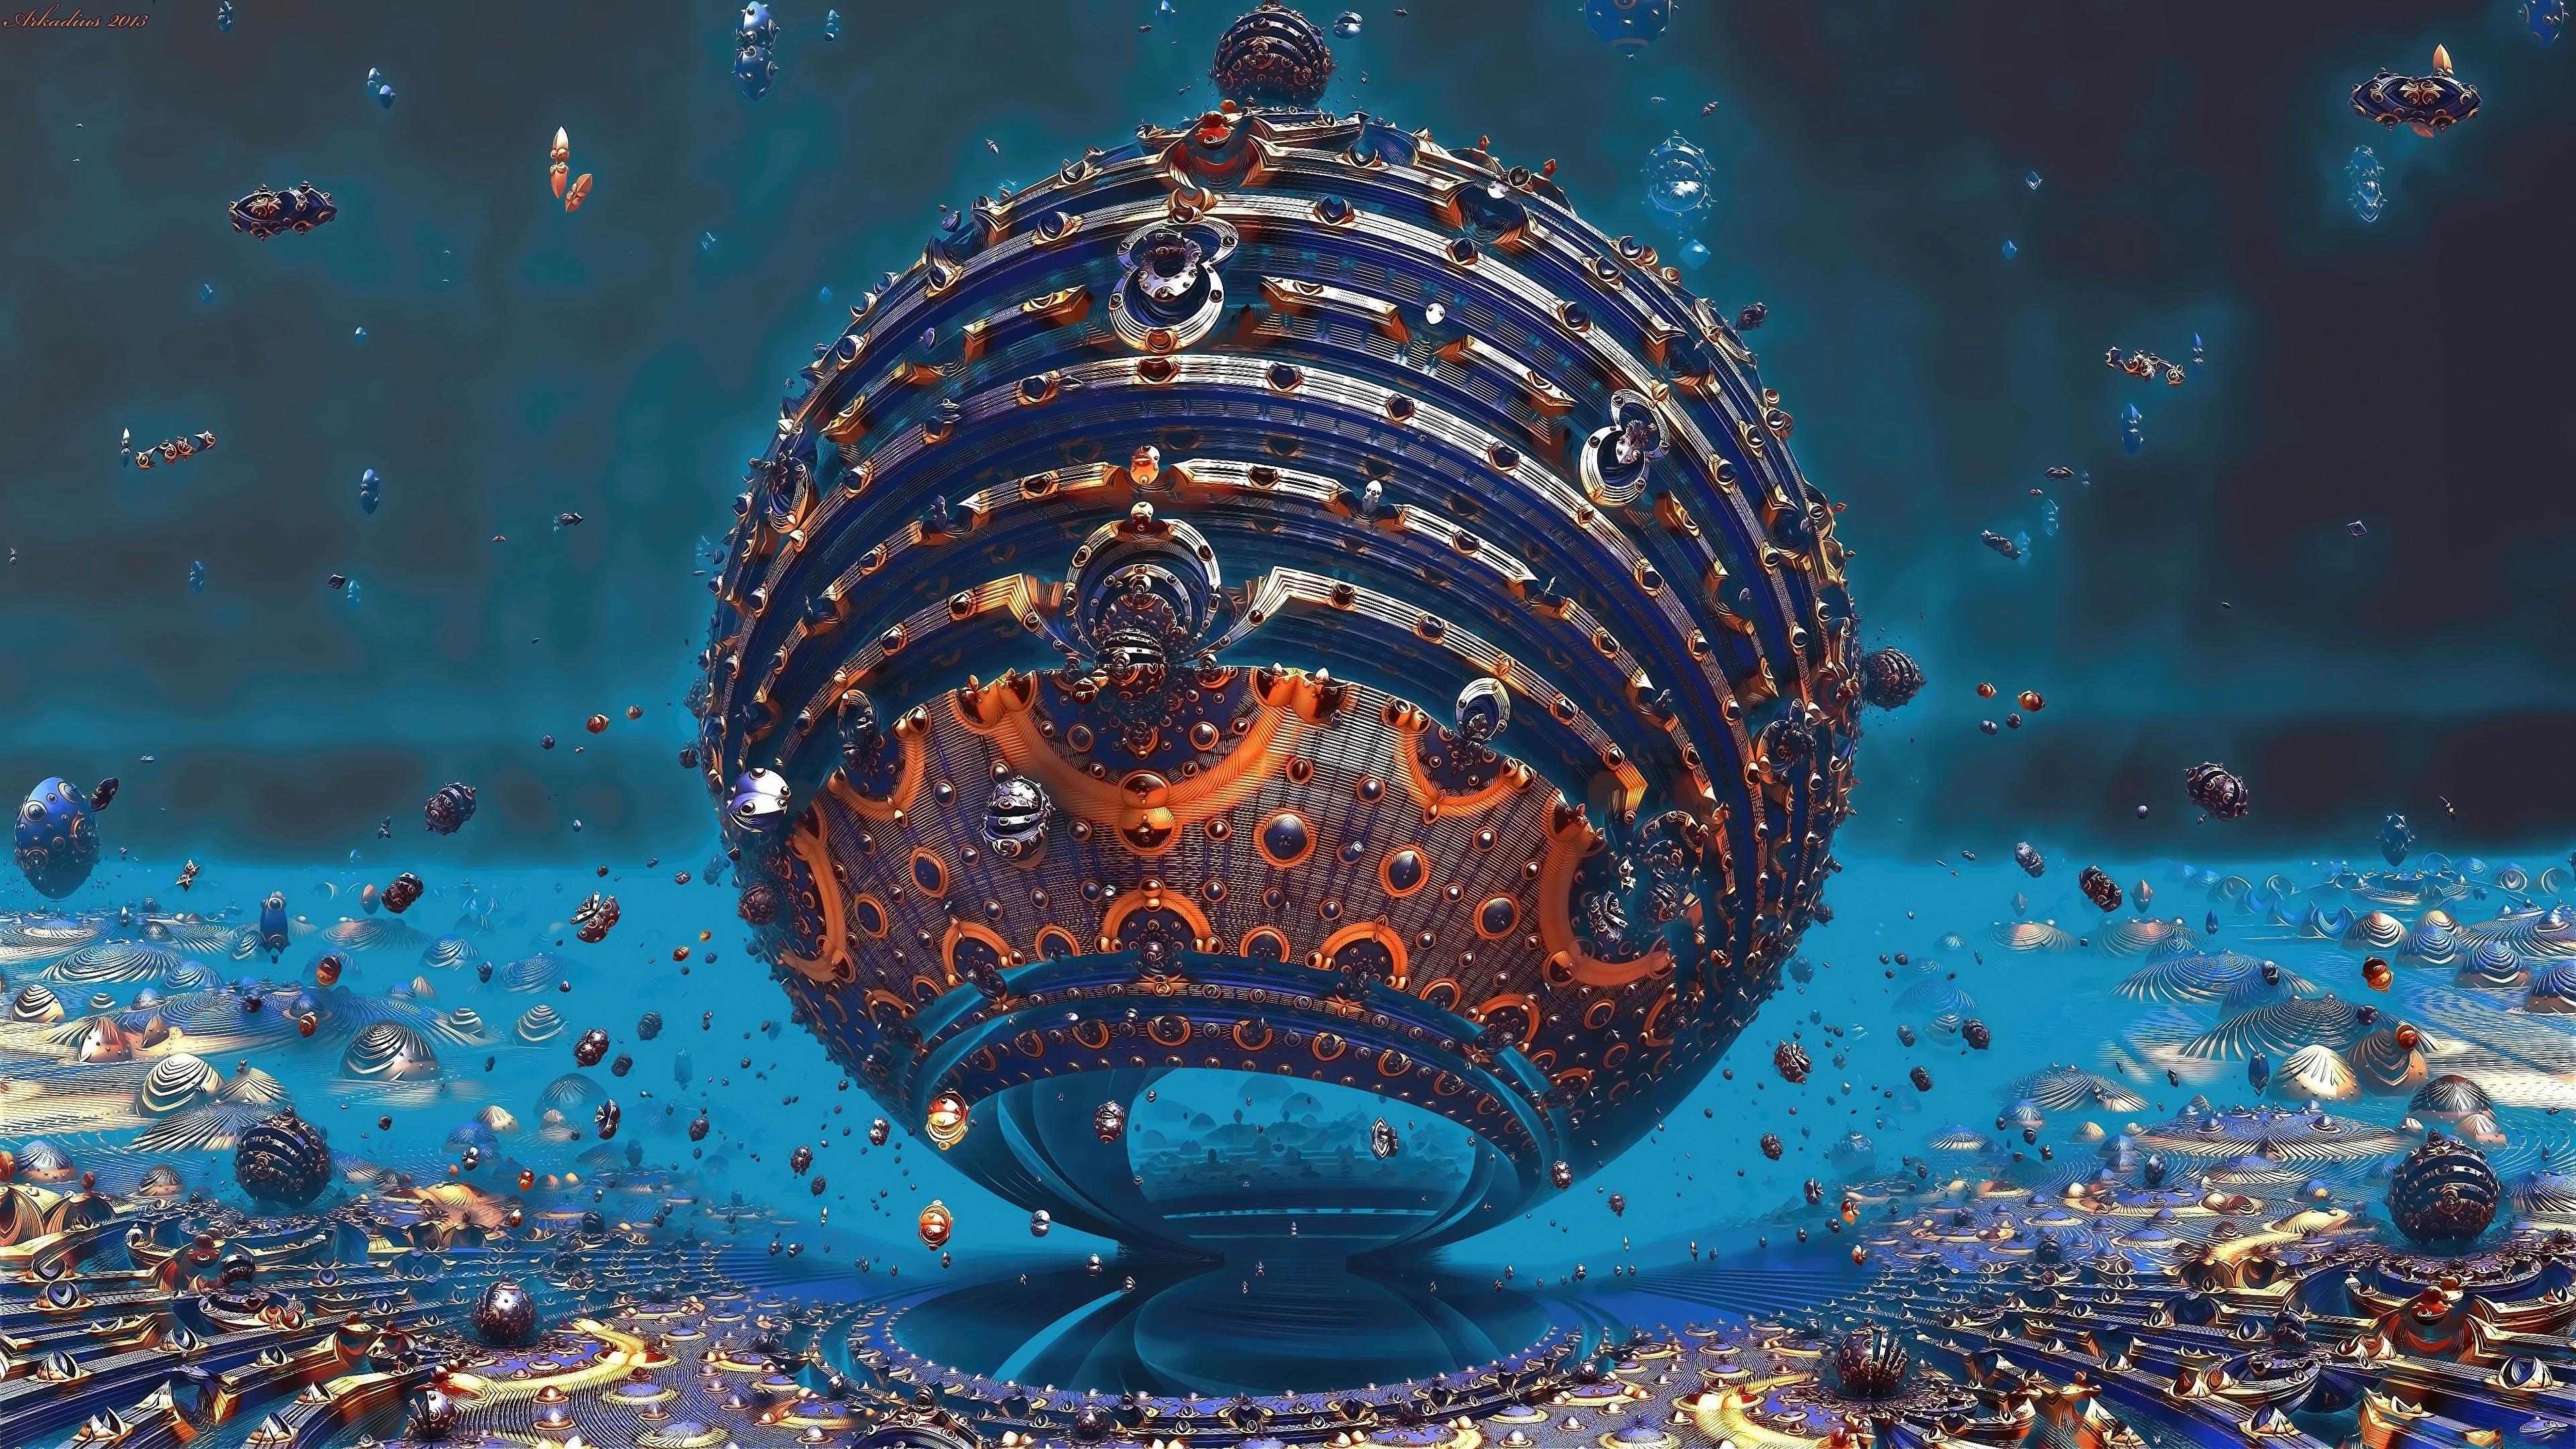 fractal sphere 3d 4k 1540752901 - Fractal Sphere 3D 4K - sphere wallpapers, hd-wallpapers, fractal wallpapers, 4k-wallpapers, 3d wallpapers